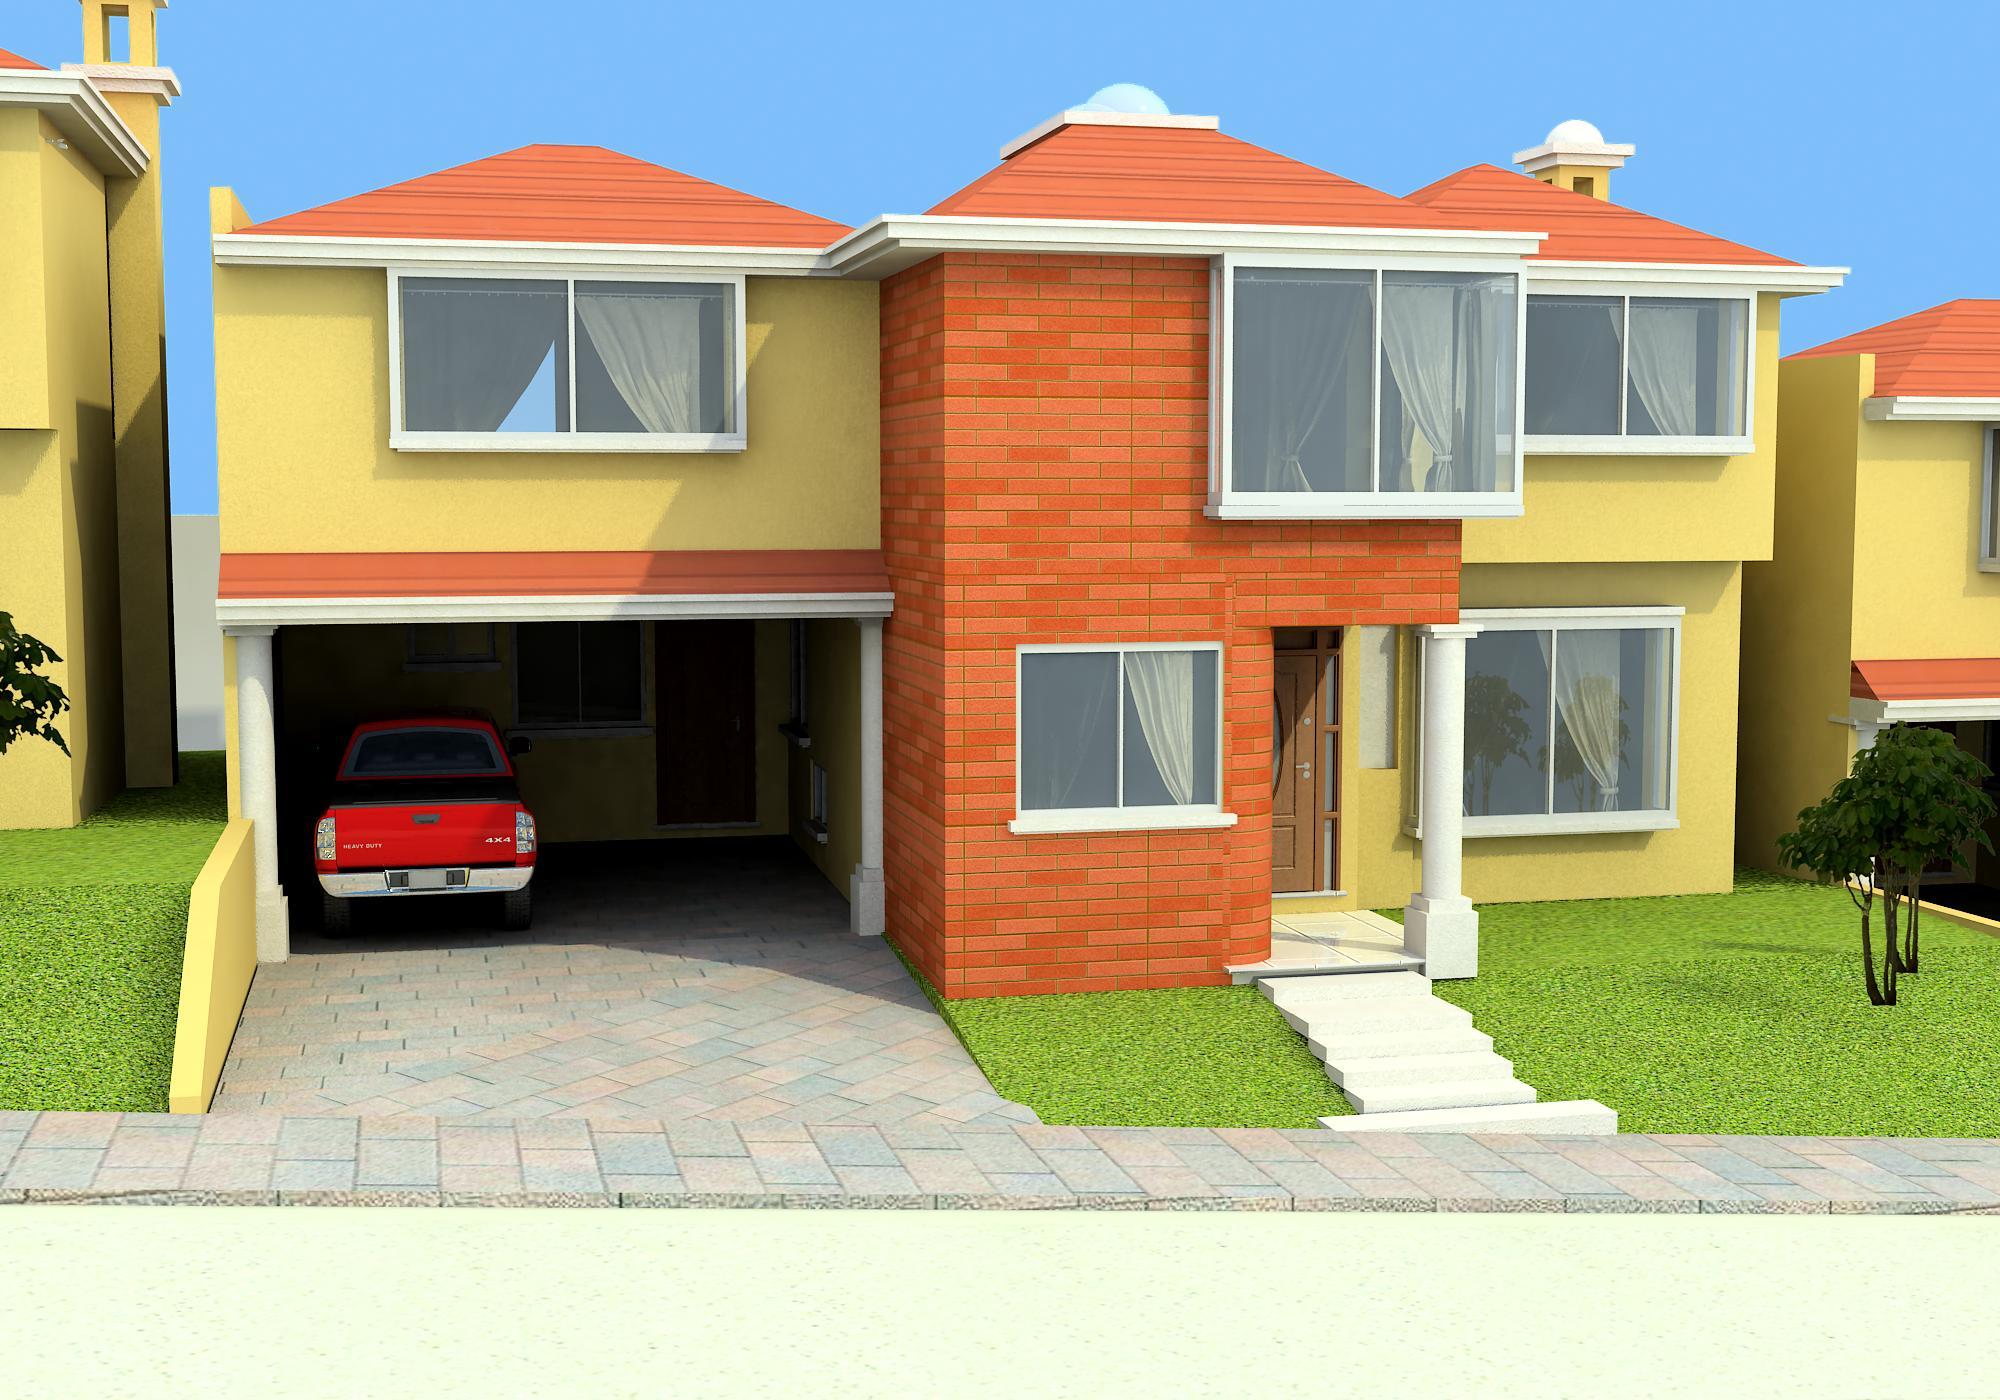 Casas lujosas a un costado de condado concepcion for Render casa minimalista